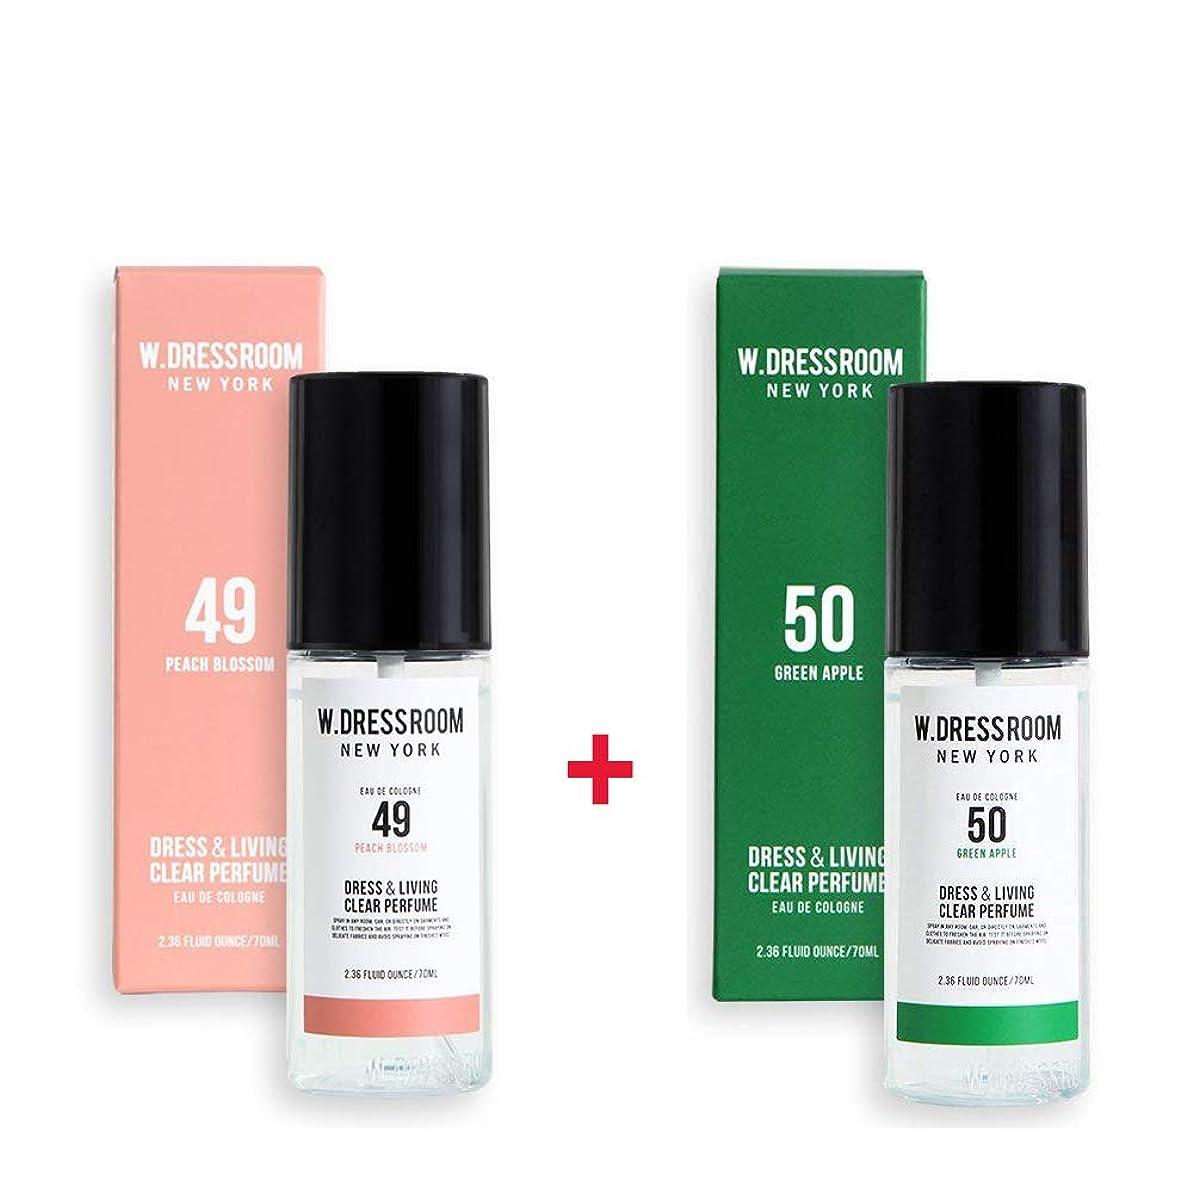 余計な小人名前でW.DRESSROOM Dress & Living Clear Perfume 70ml (No 49 Peach Blossom)+(No 50 Green Apple)